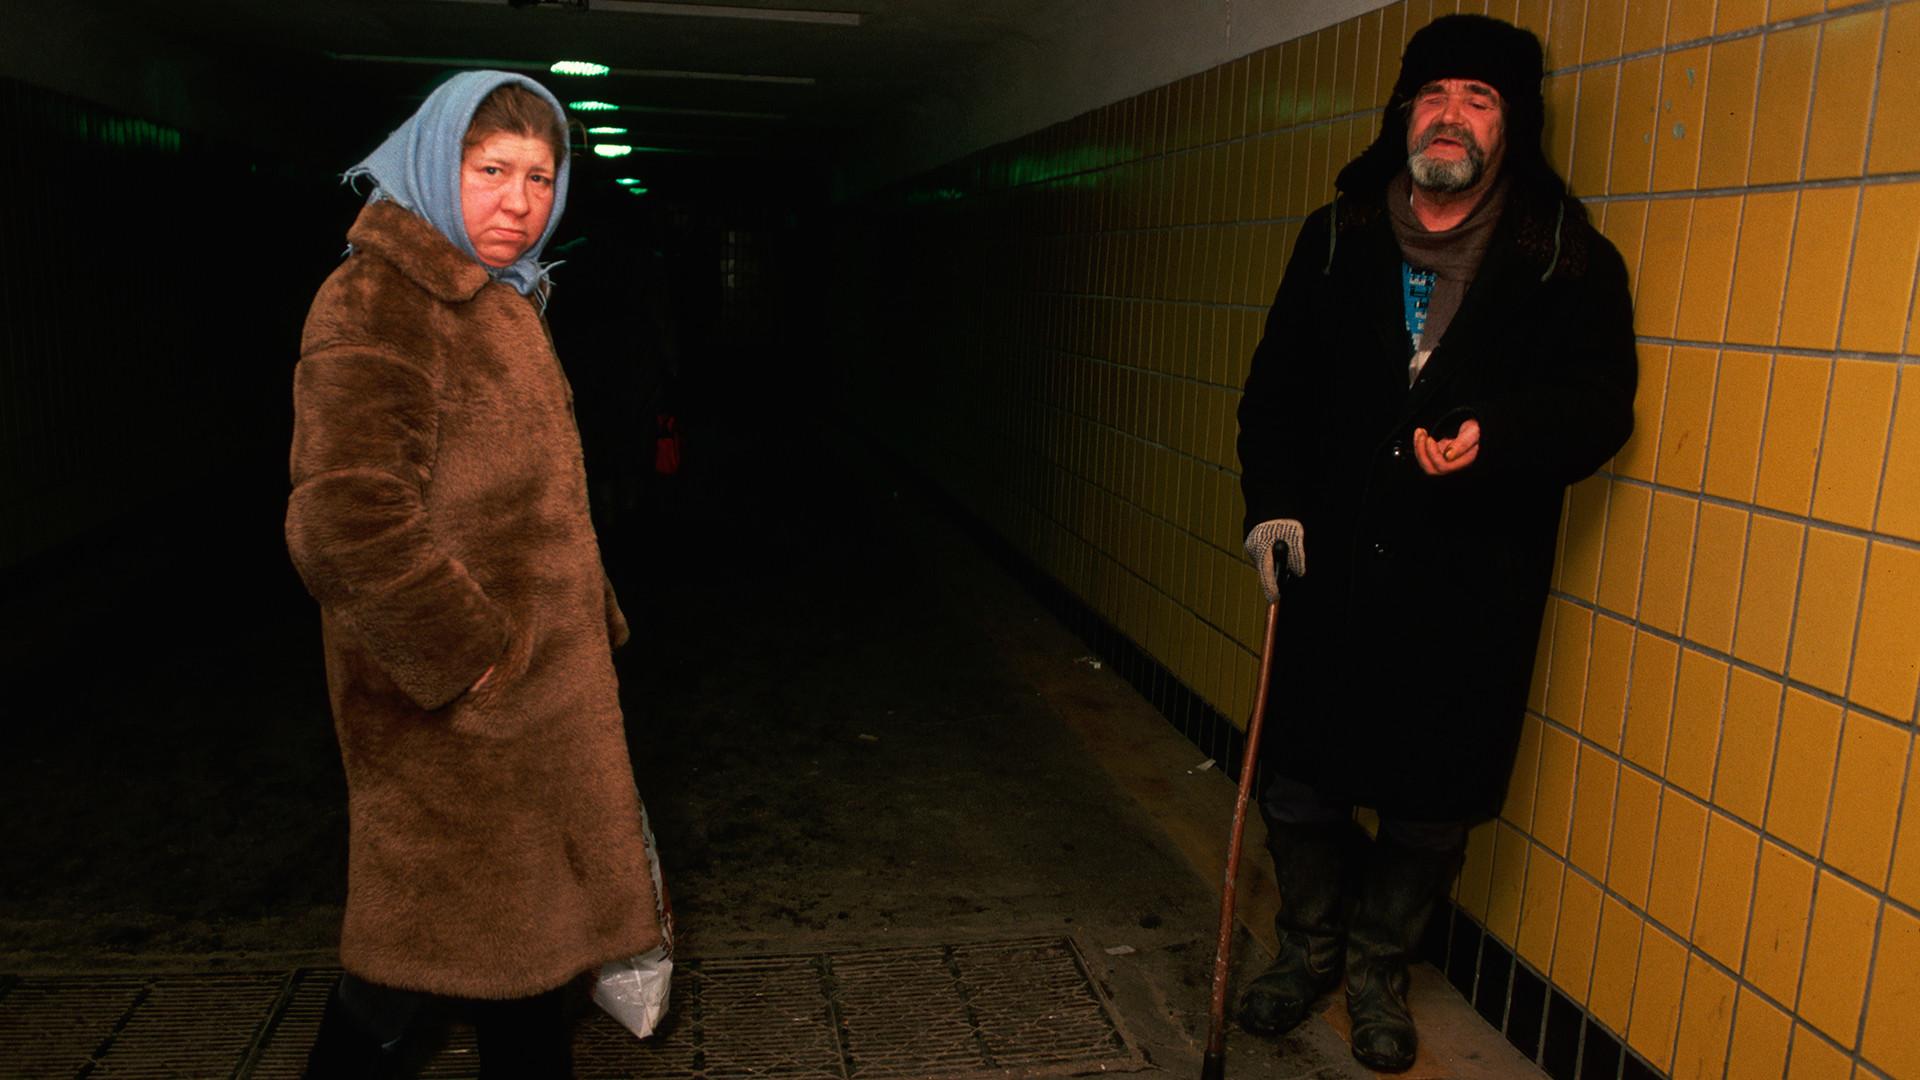 Zaradi pomanjkanja prostorov so bili brezdomci včasih nameščeni v internate za kronične duševne bolezni.